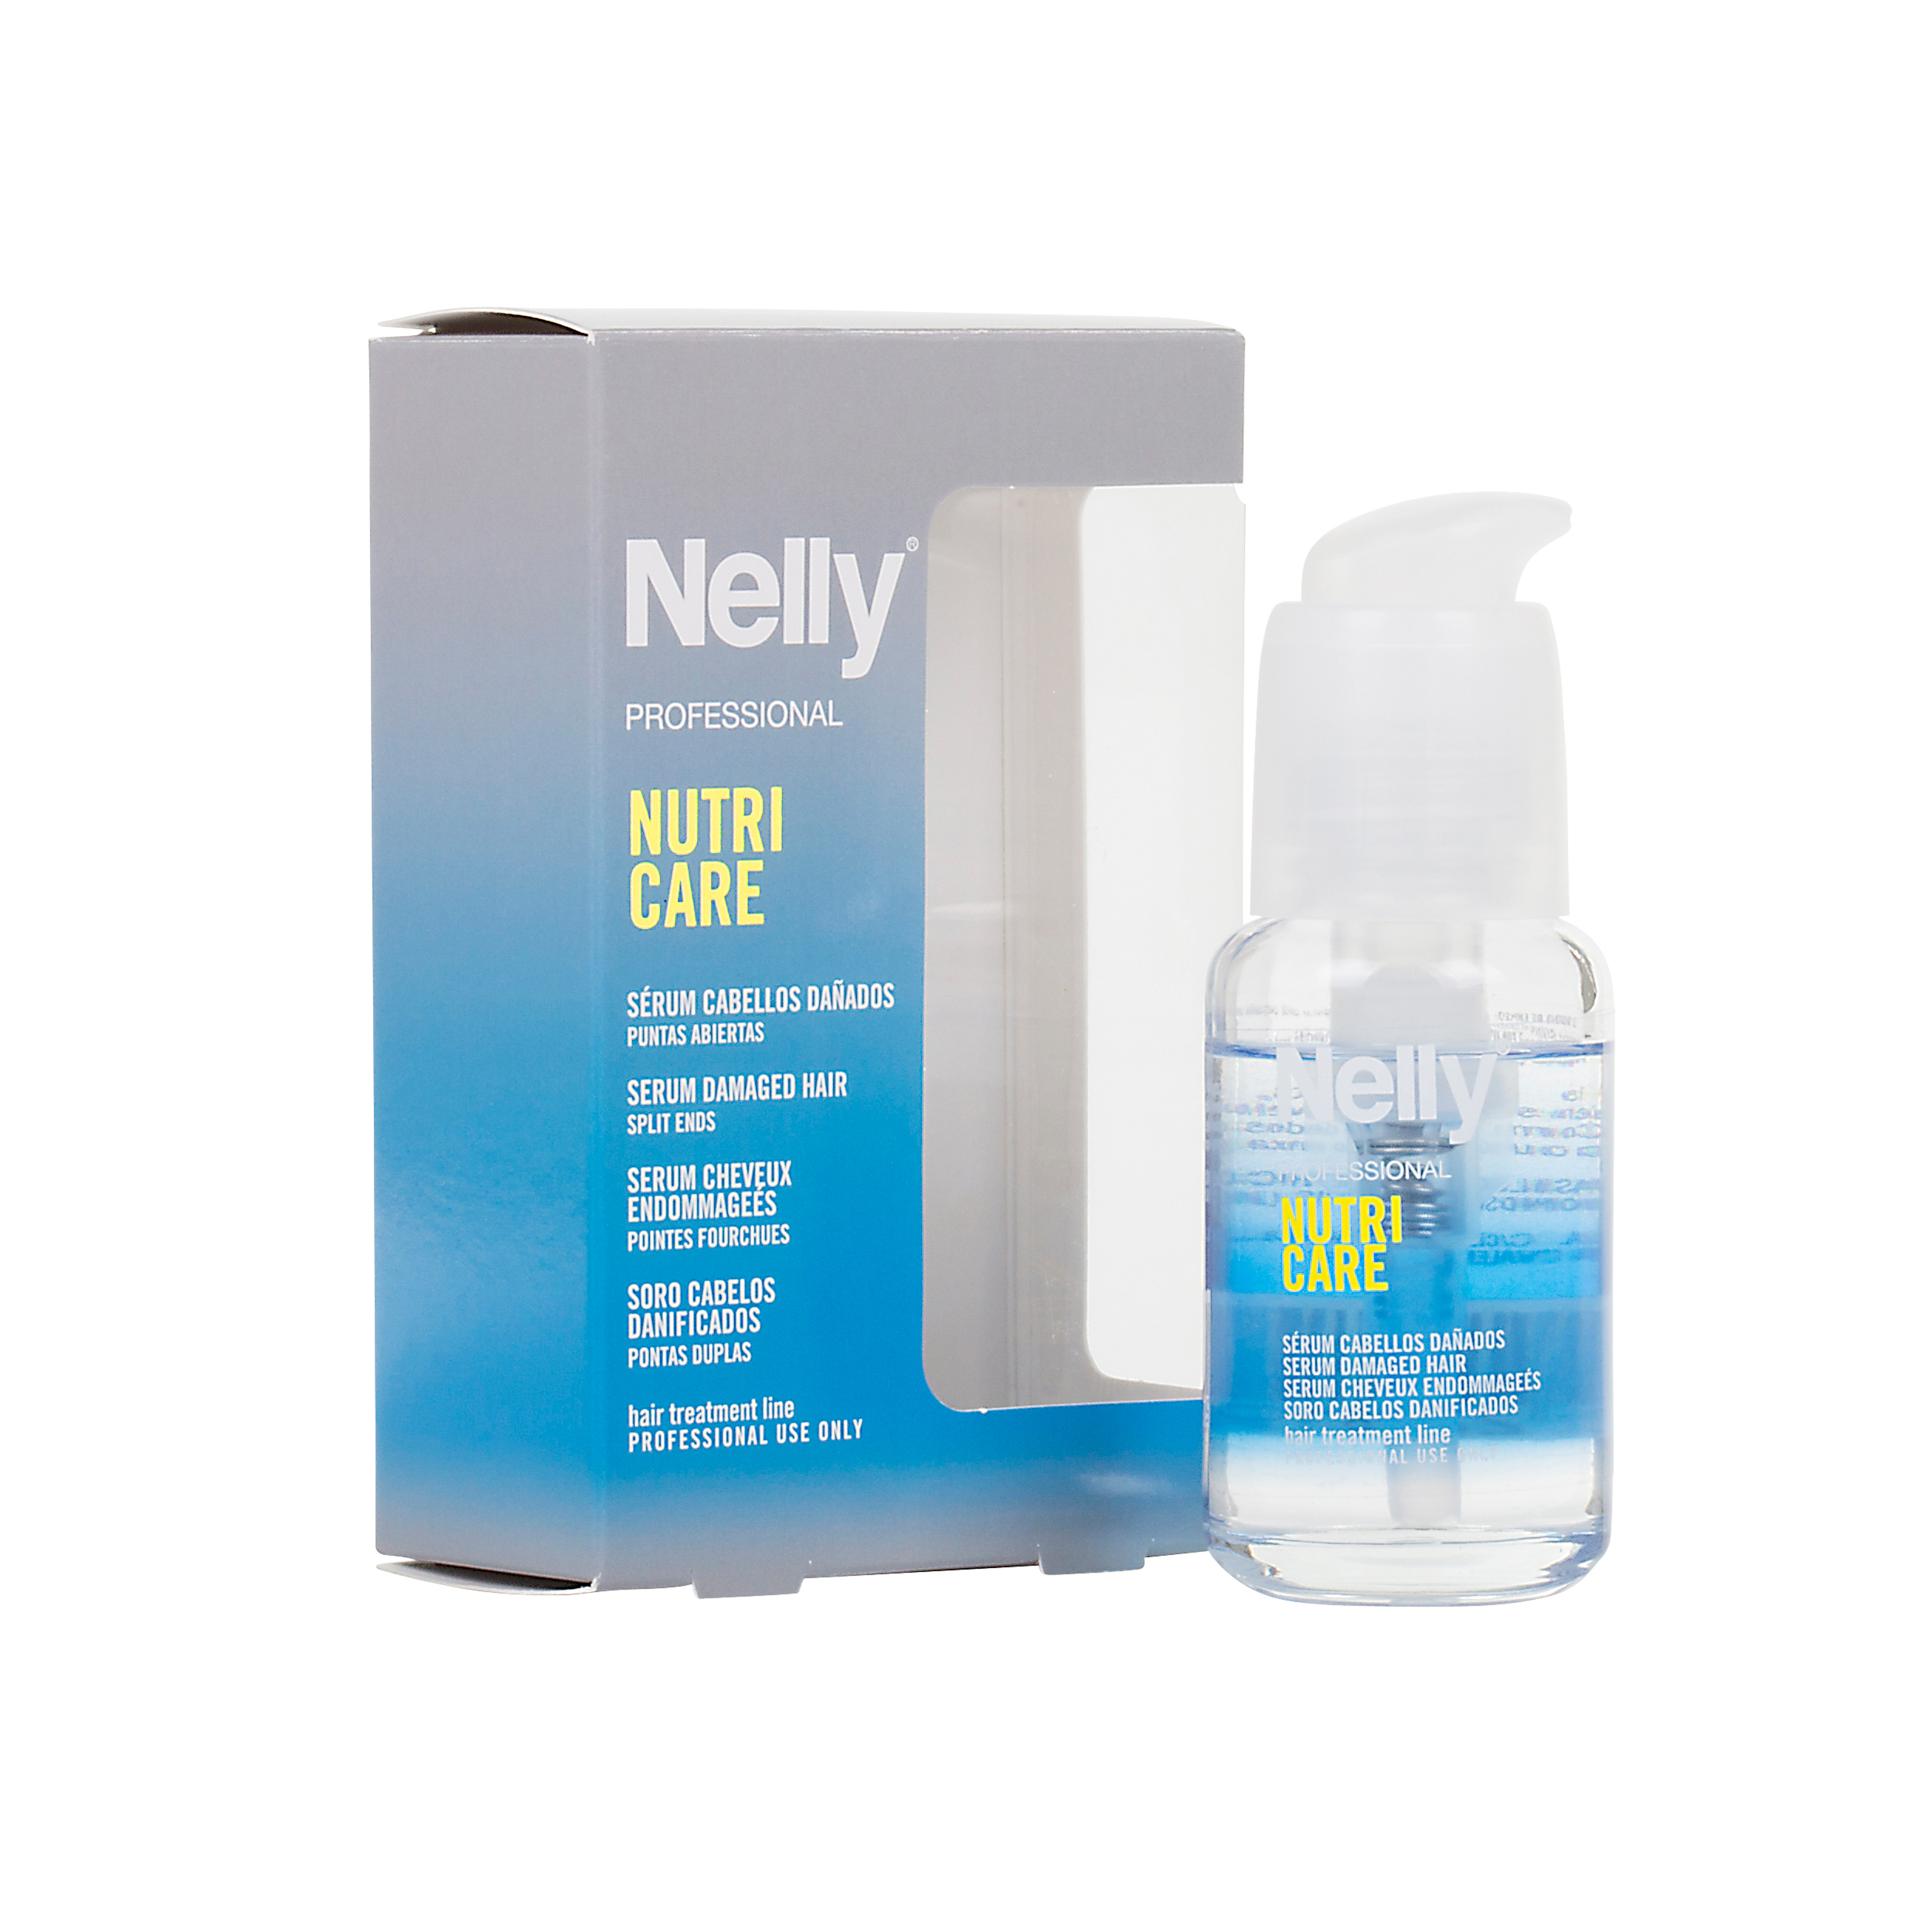 قیمت سرم موی ترمیم کننده نلی مدل Nutri Care حجم 45 میلیلیتر